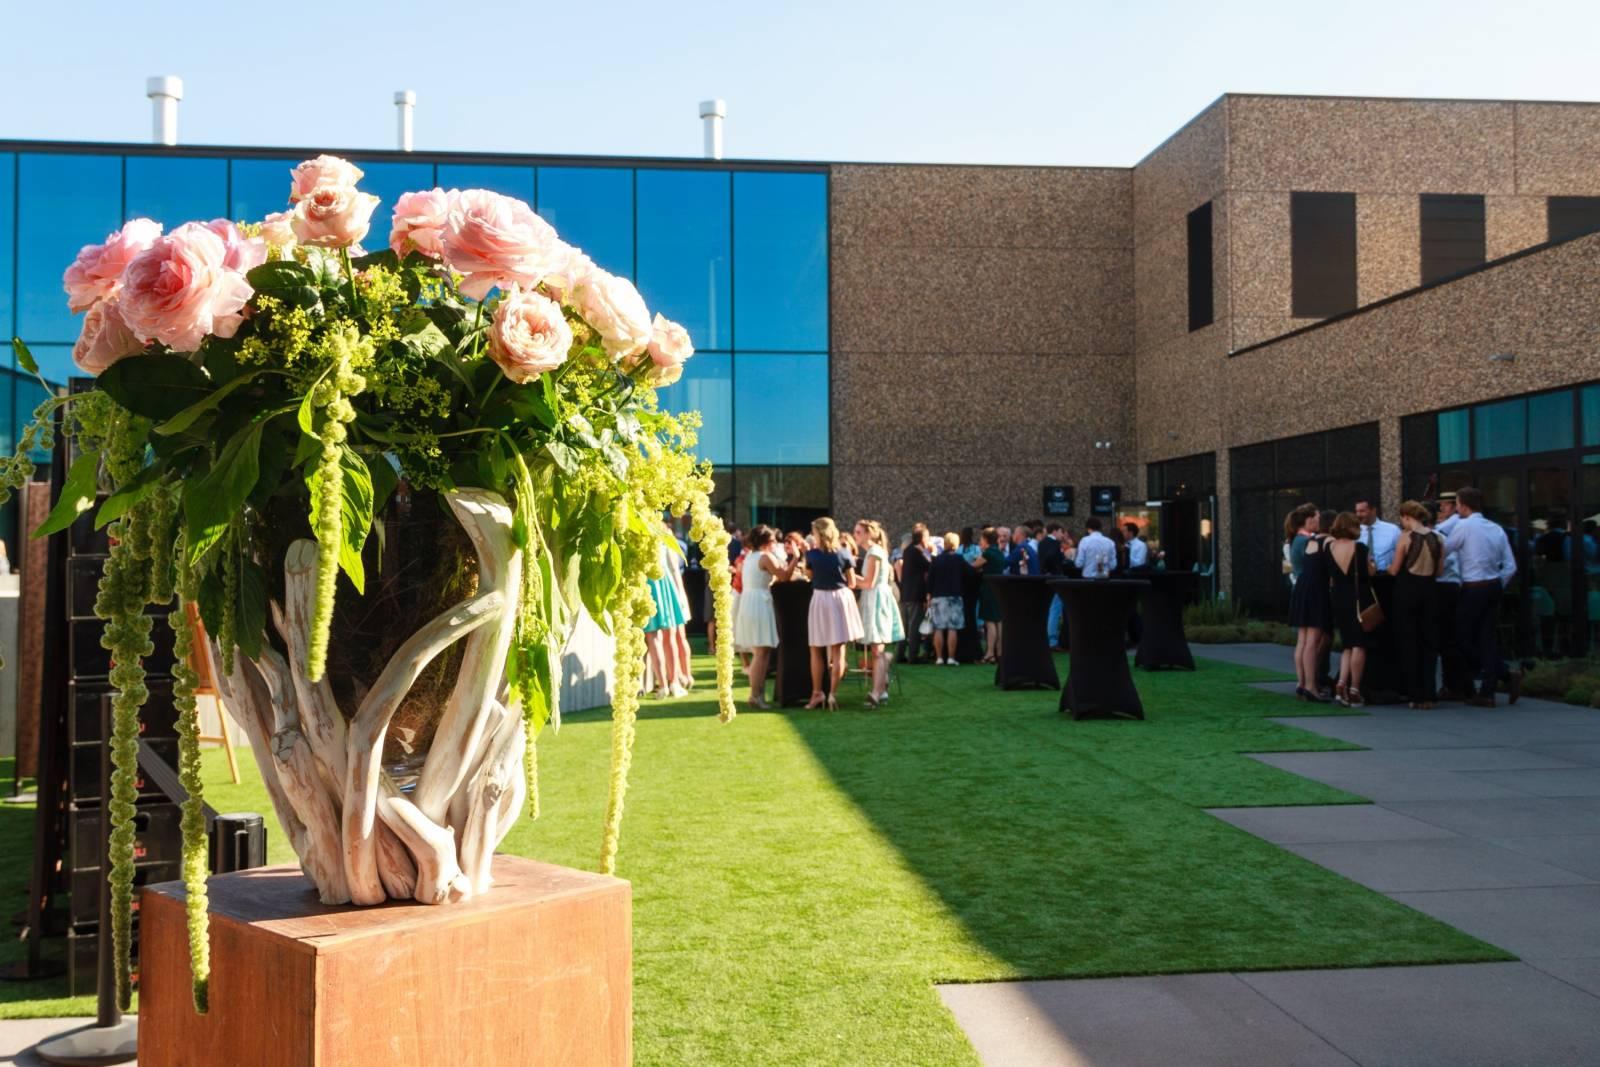 Bierkasteel House of Weddings Feestzaal West Vlaanderen grote capaciteit izegem ceremonie dansfeest exclusief huwelijk (13)